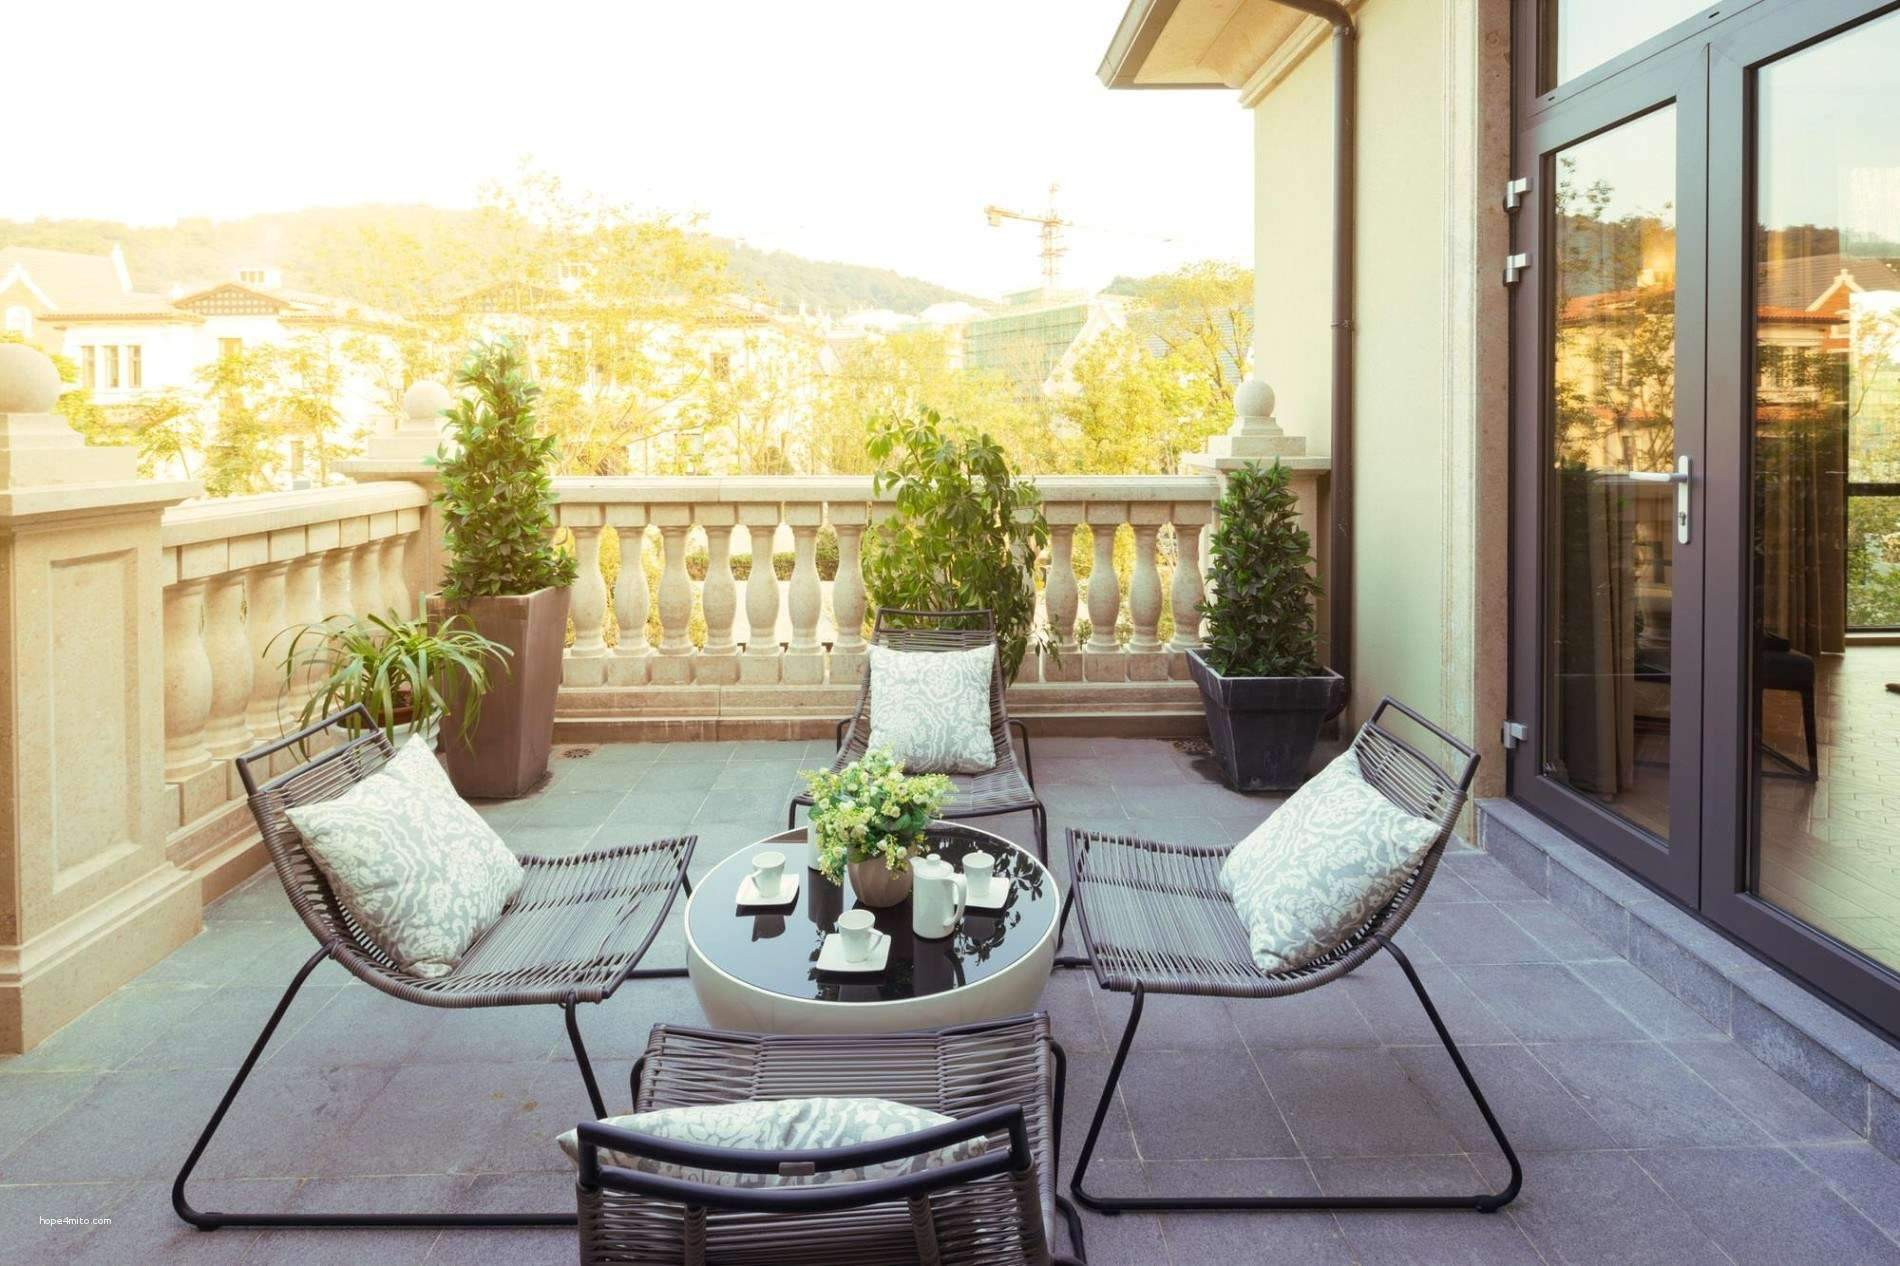 wohnzimmer deko selber machen genial 35 neu balkon ideen selber machen of wohnzimmer deko selber machen